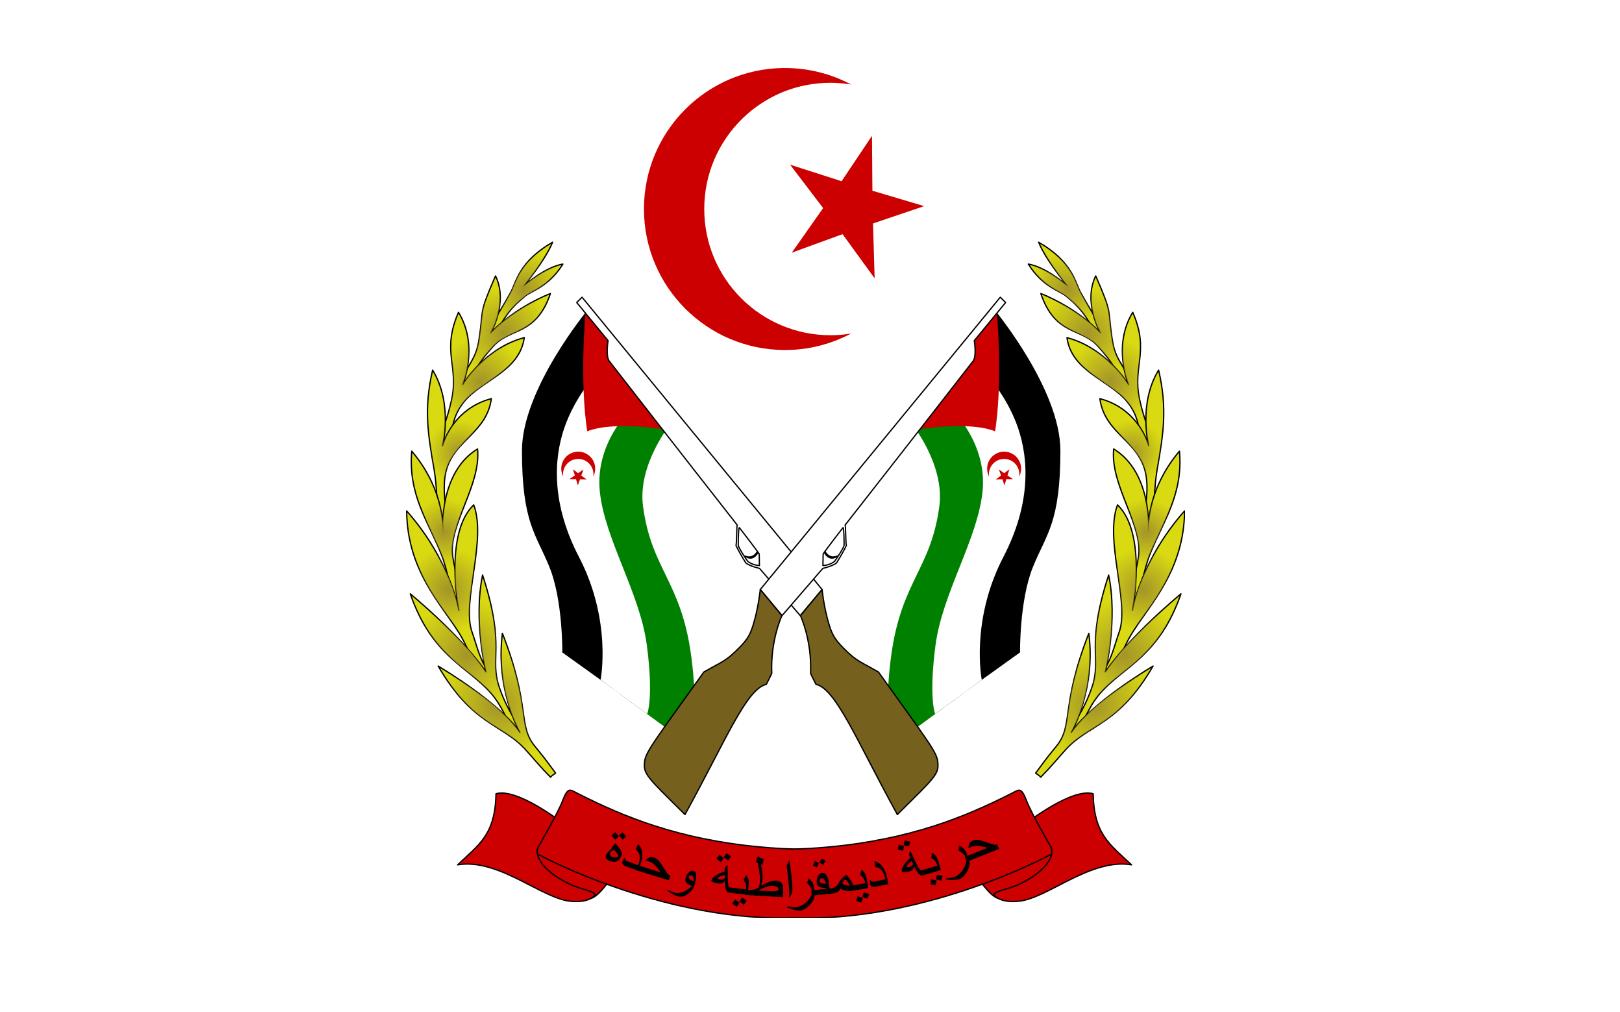 La cuestión nacional en el Sáhara Occidental